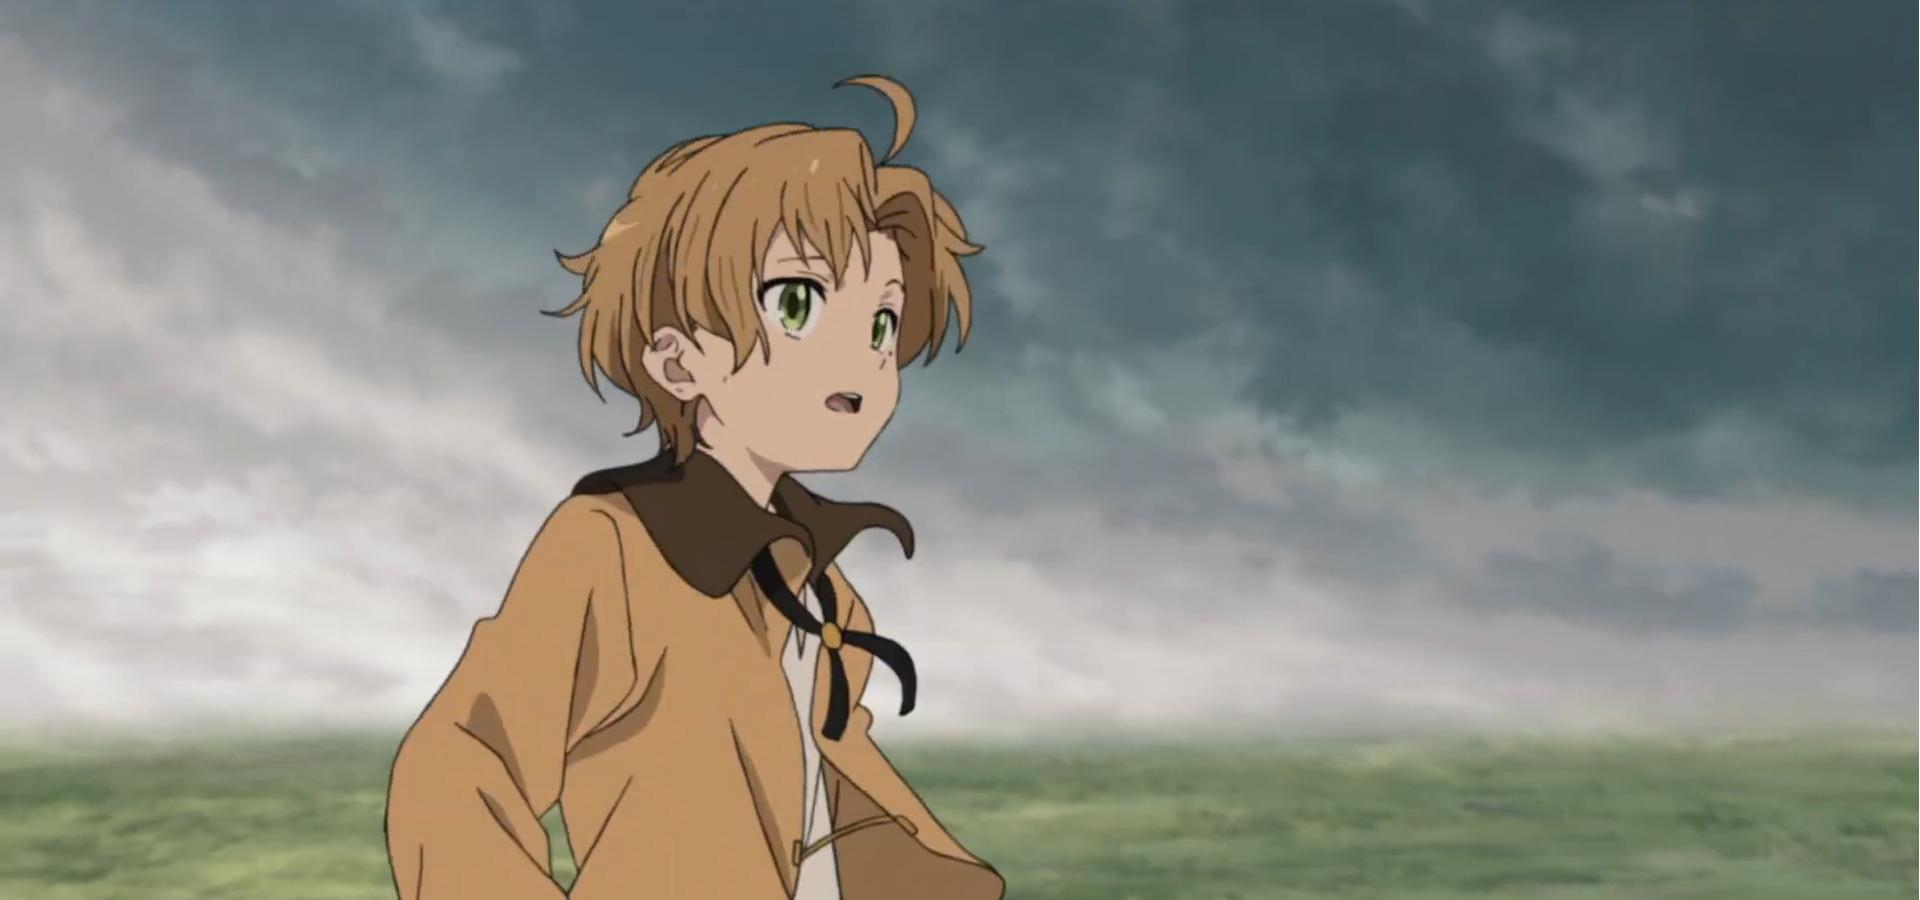 L'anime Mushoku Tensei : un deuxième trailer disponible